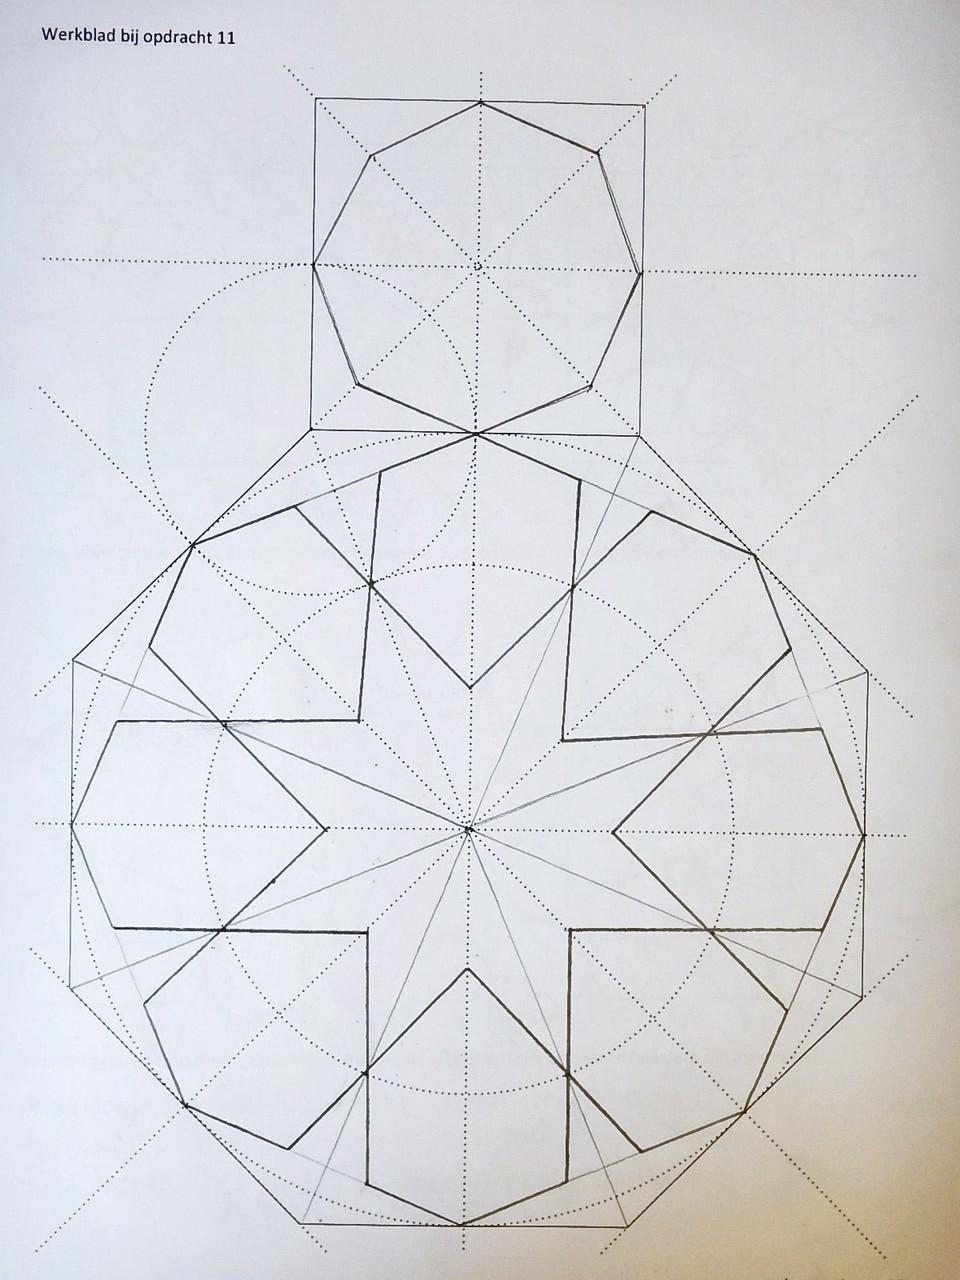 werkblad met constructie door leerling van een rozet en achthoek waarmee...